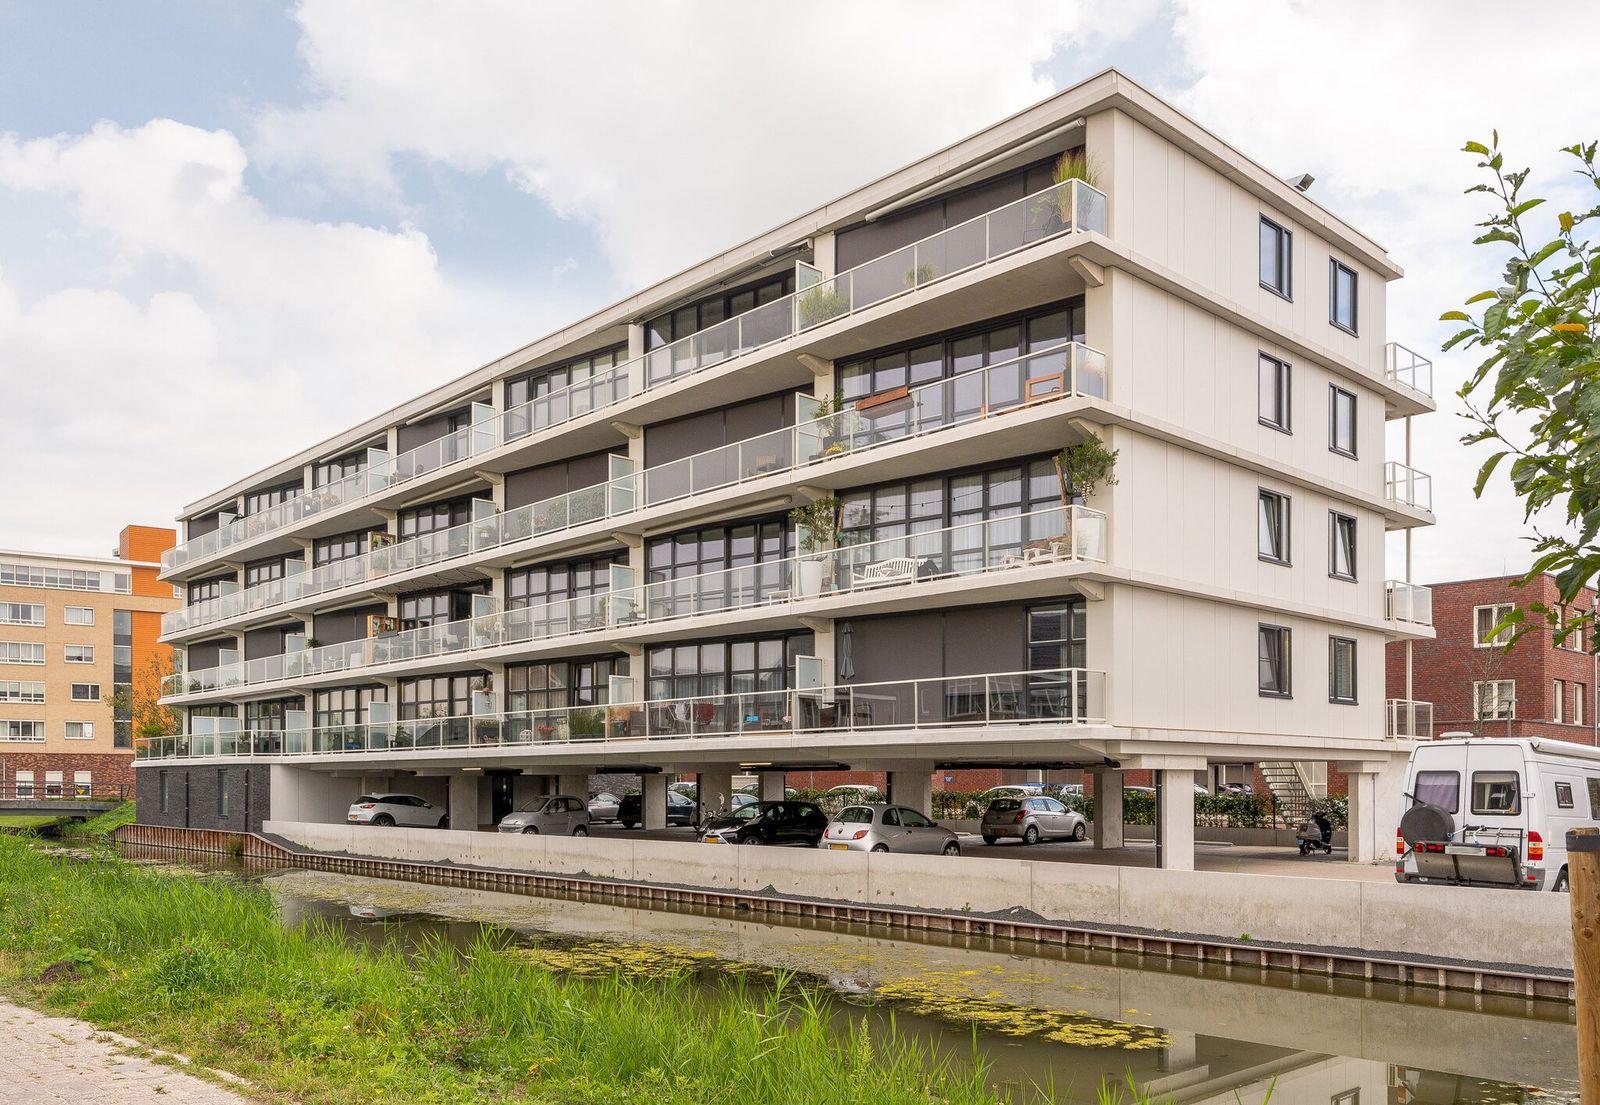 Strigastraat 69, Naaldwijk